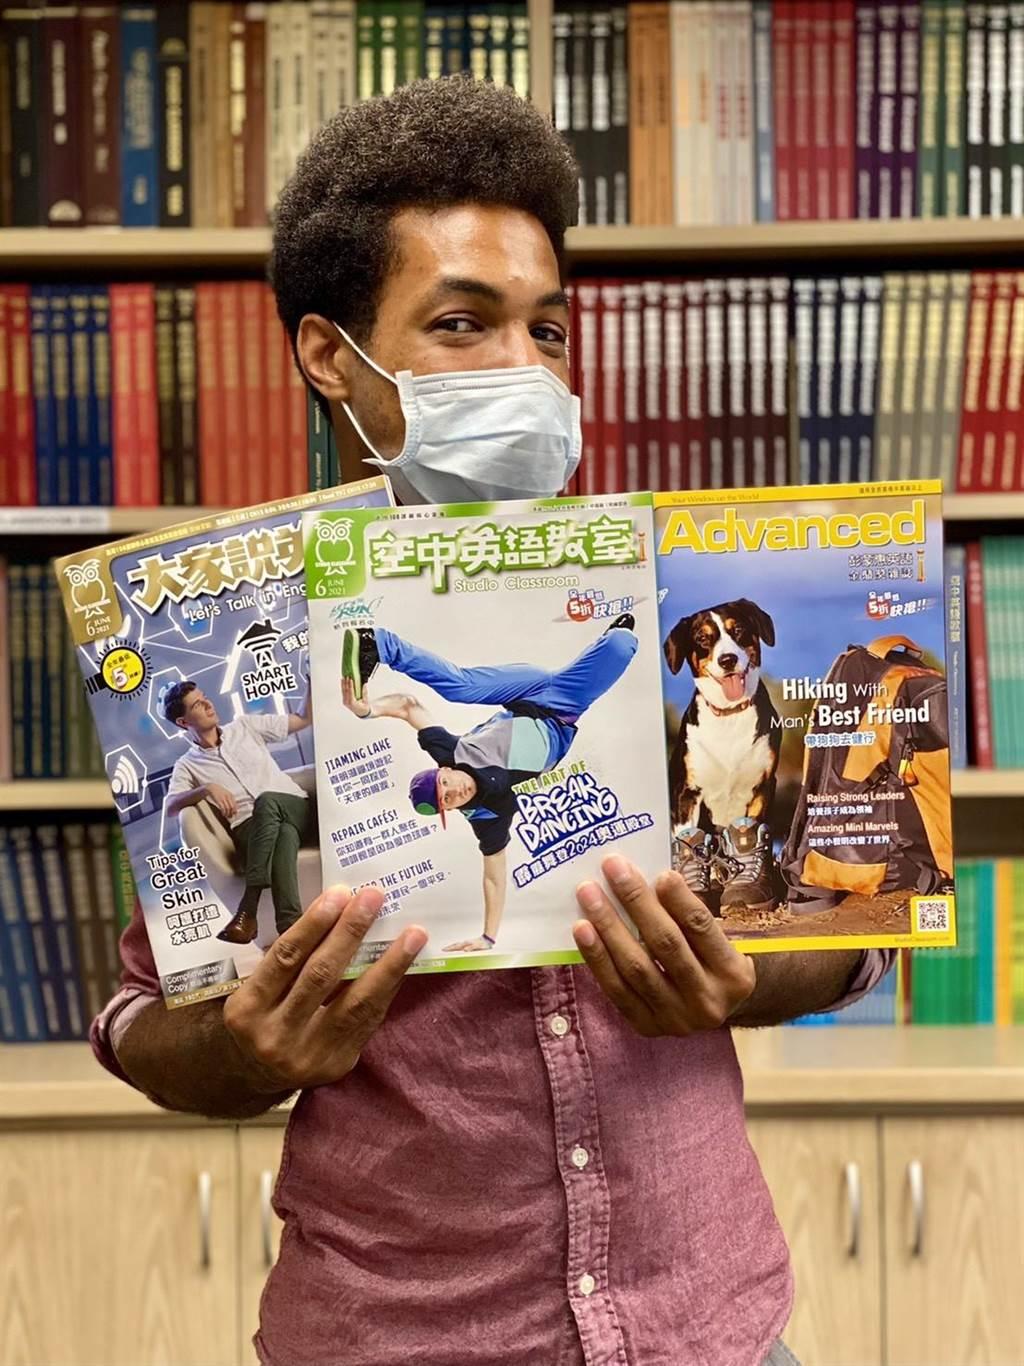 《空中英語教室》推出輕鬆學習英語的「數位學習免費試閱」活動。(《空中英語教室》提供)